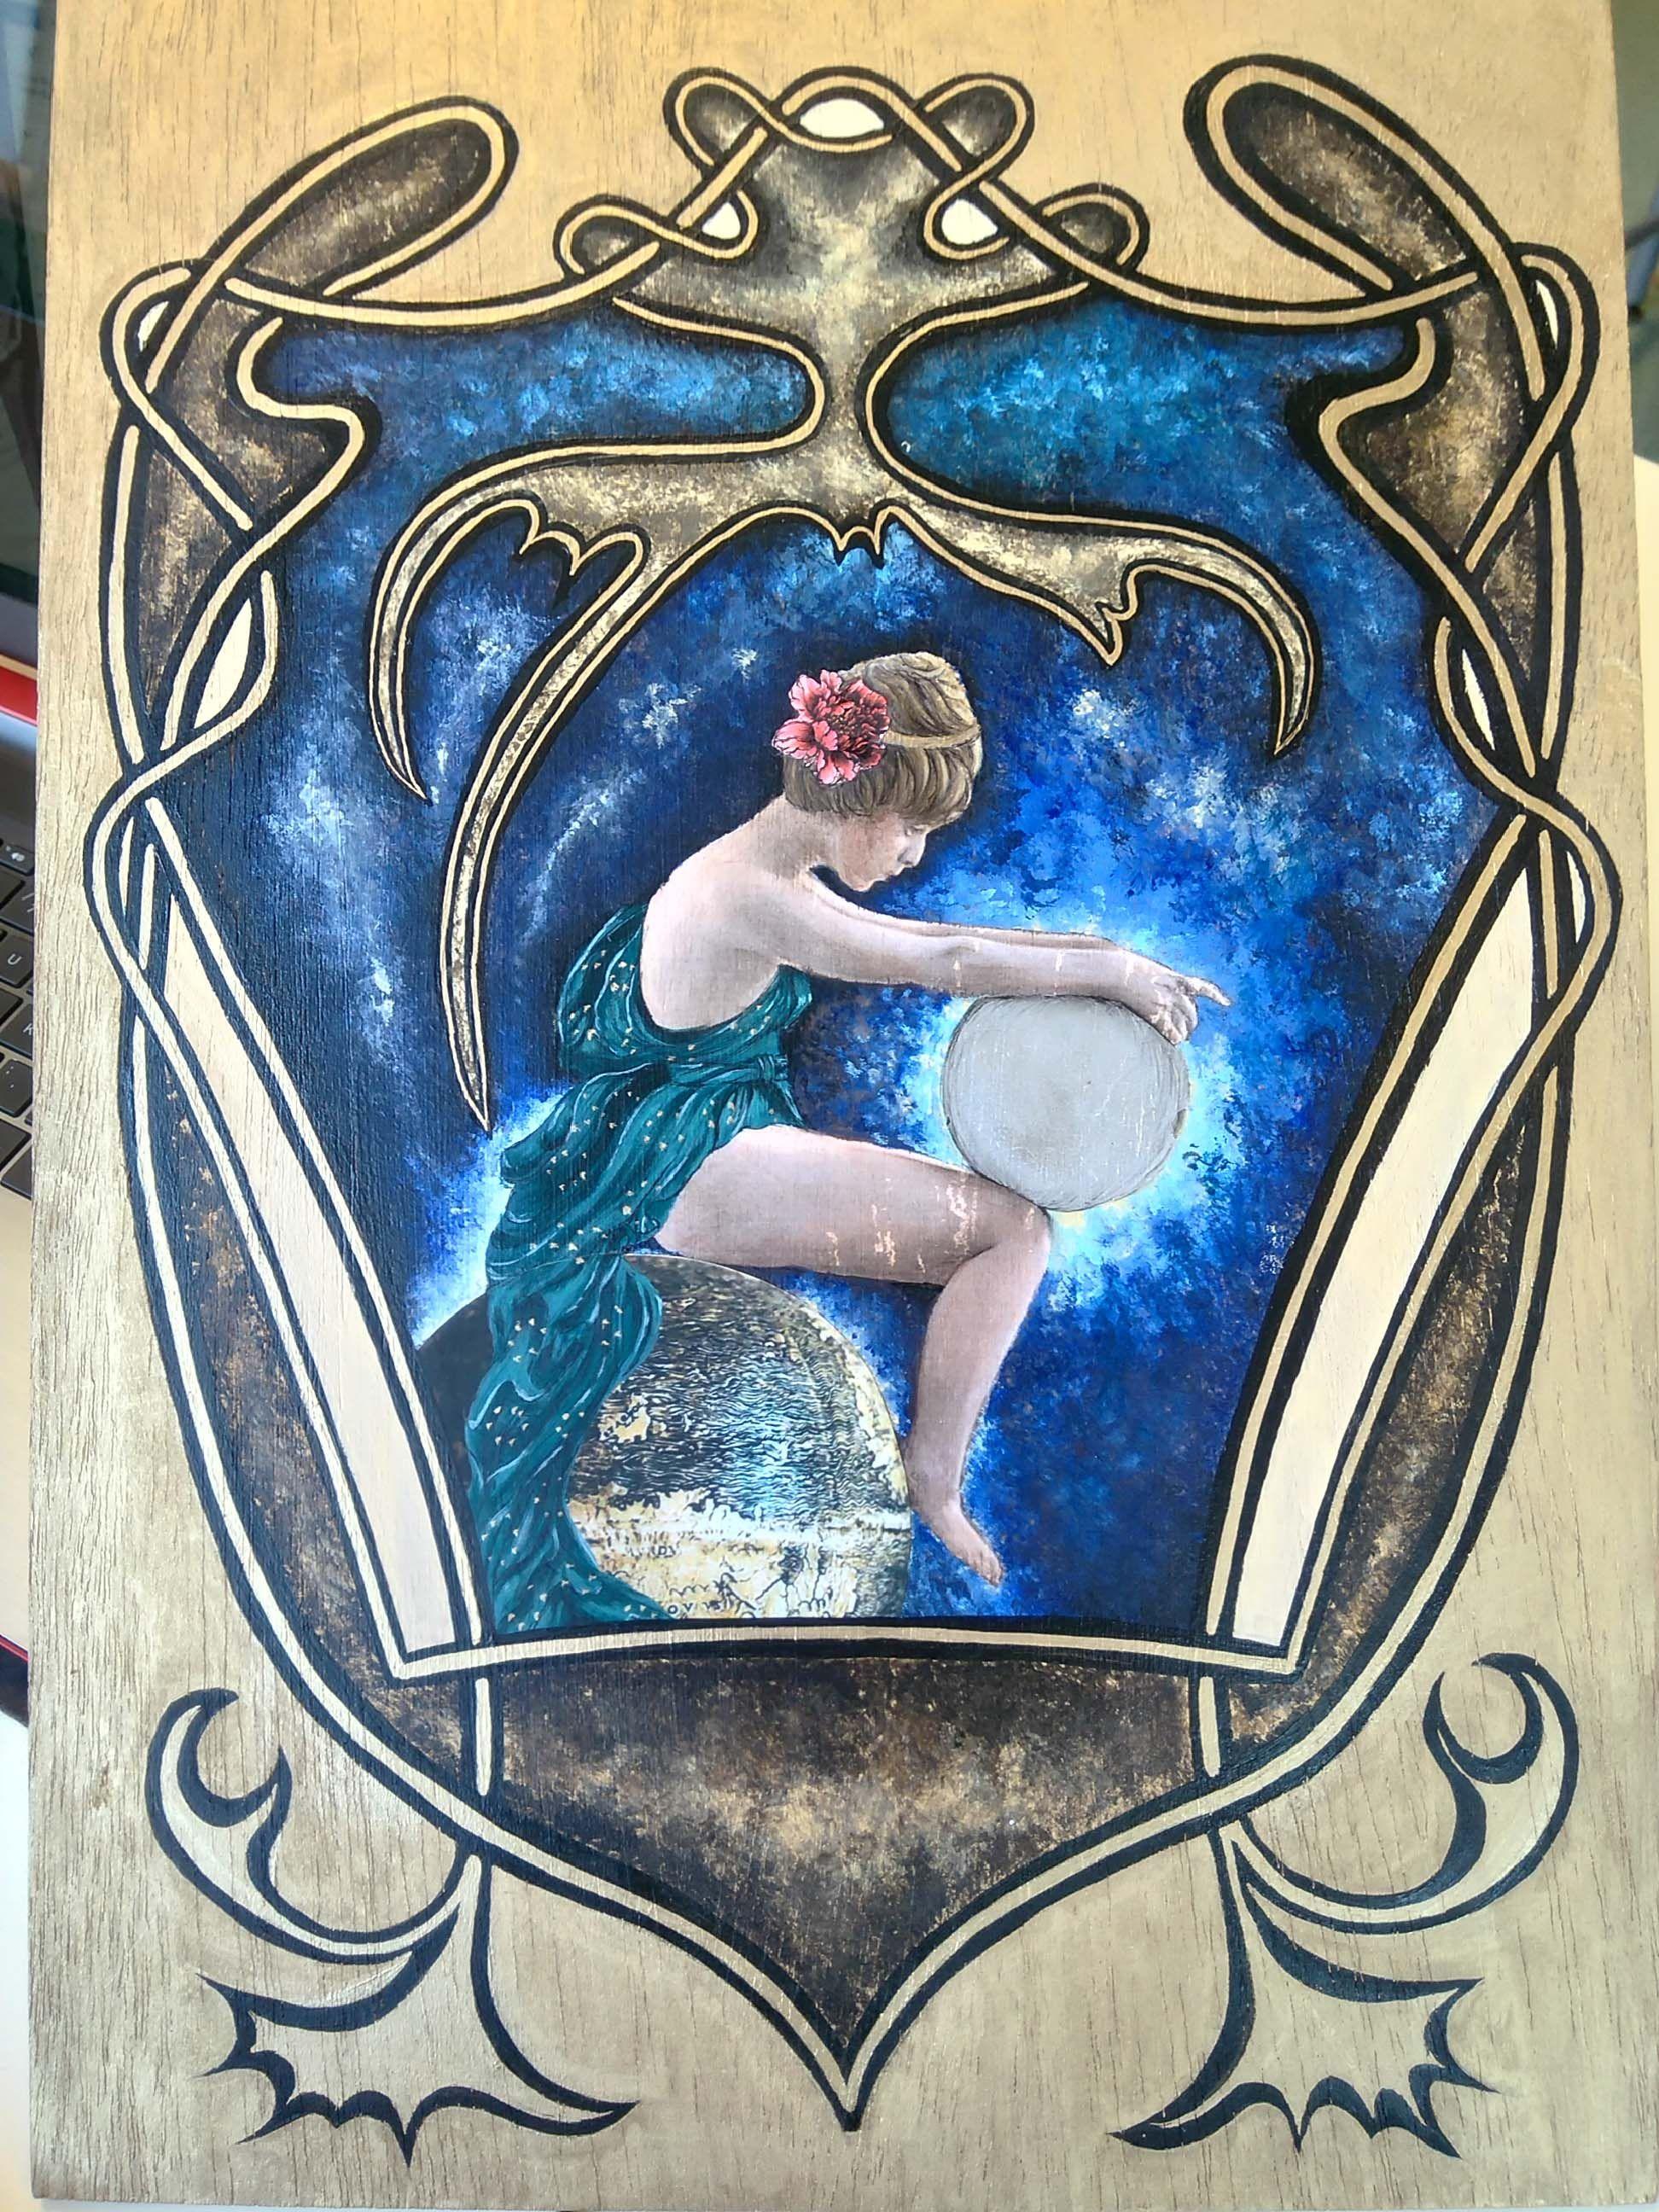 Escal, Escuela de Cerámica de L'Alcora,  Interpretación a partir de Mucha. Transferencia, collage, pan de plata, acrílico, tinta china y óleo sobre tabla. A3